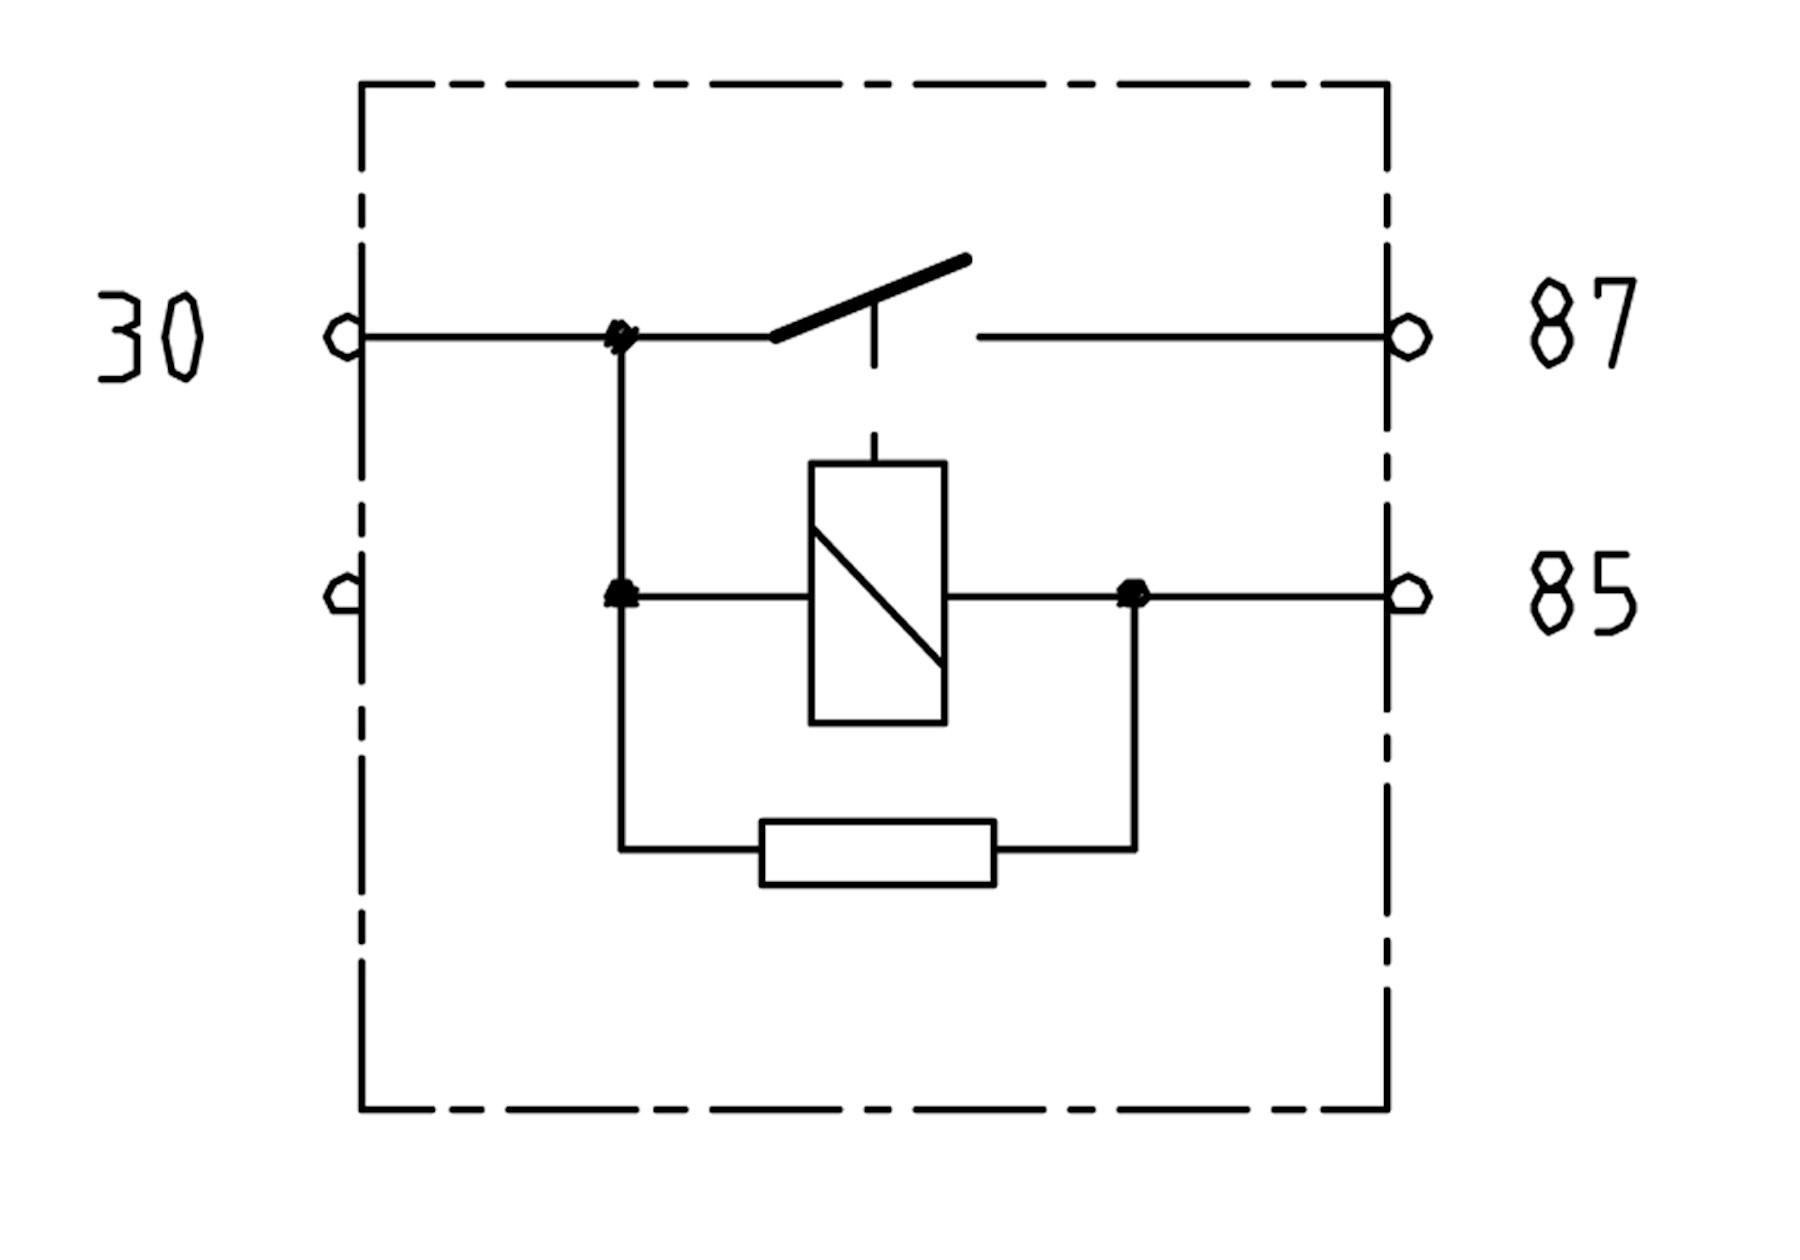 relay for vr6 motronic